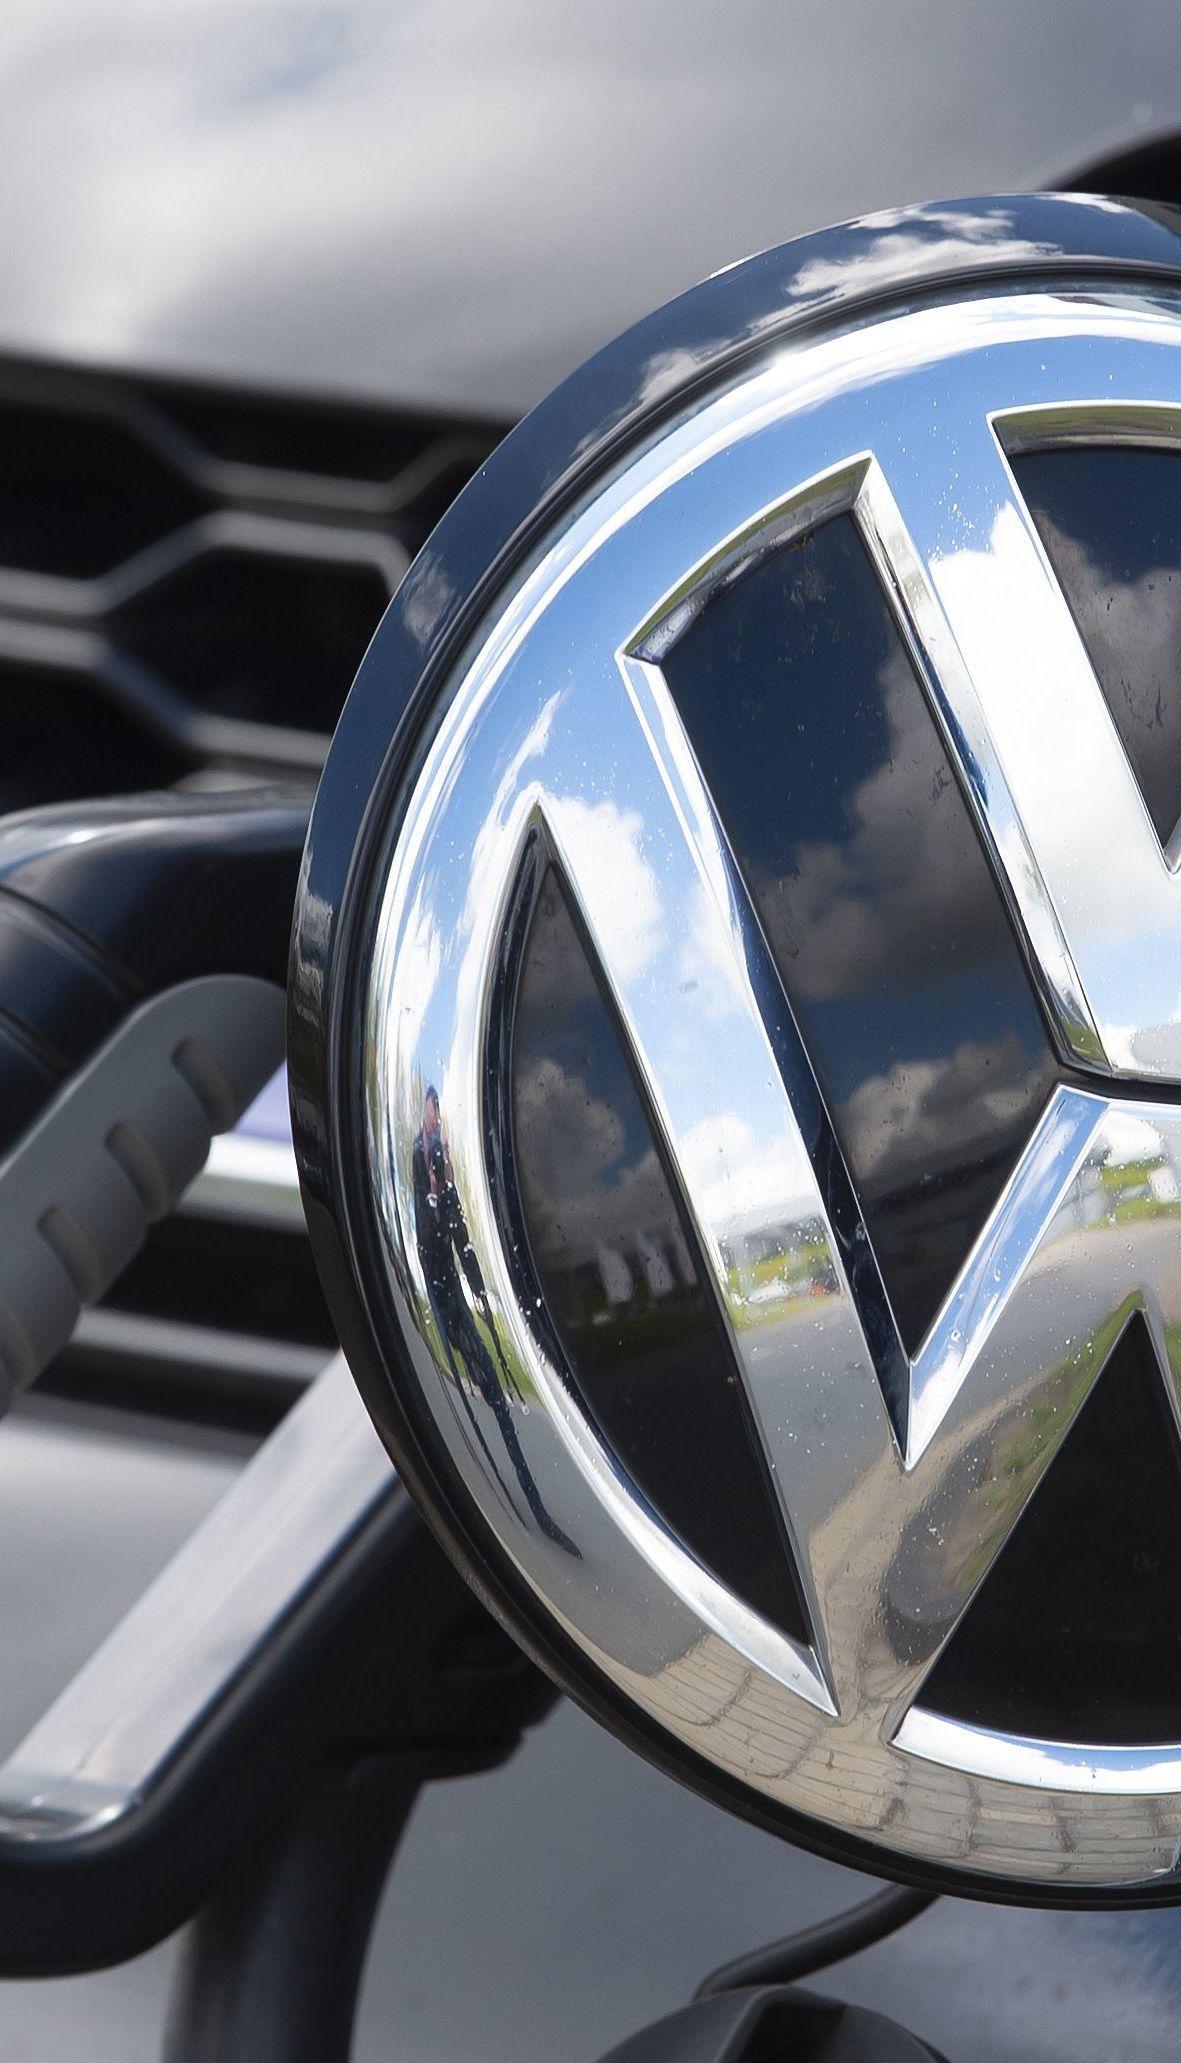 Volkswagen може випустити величезний електричний позашляховик: що відомо про новинку